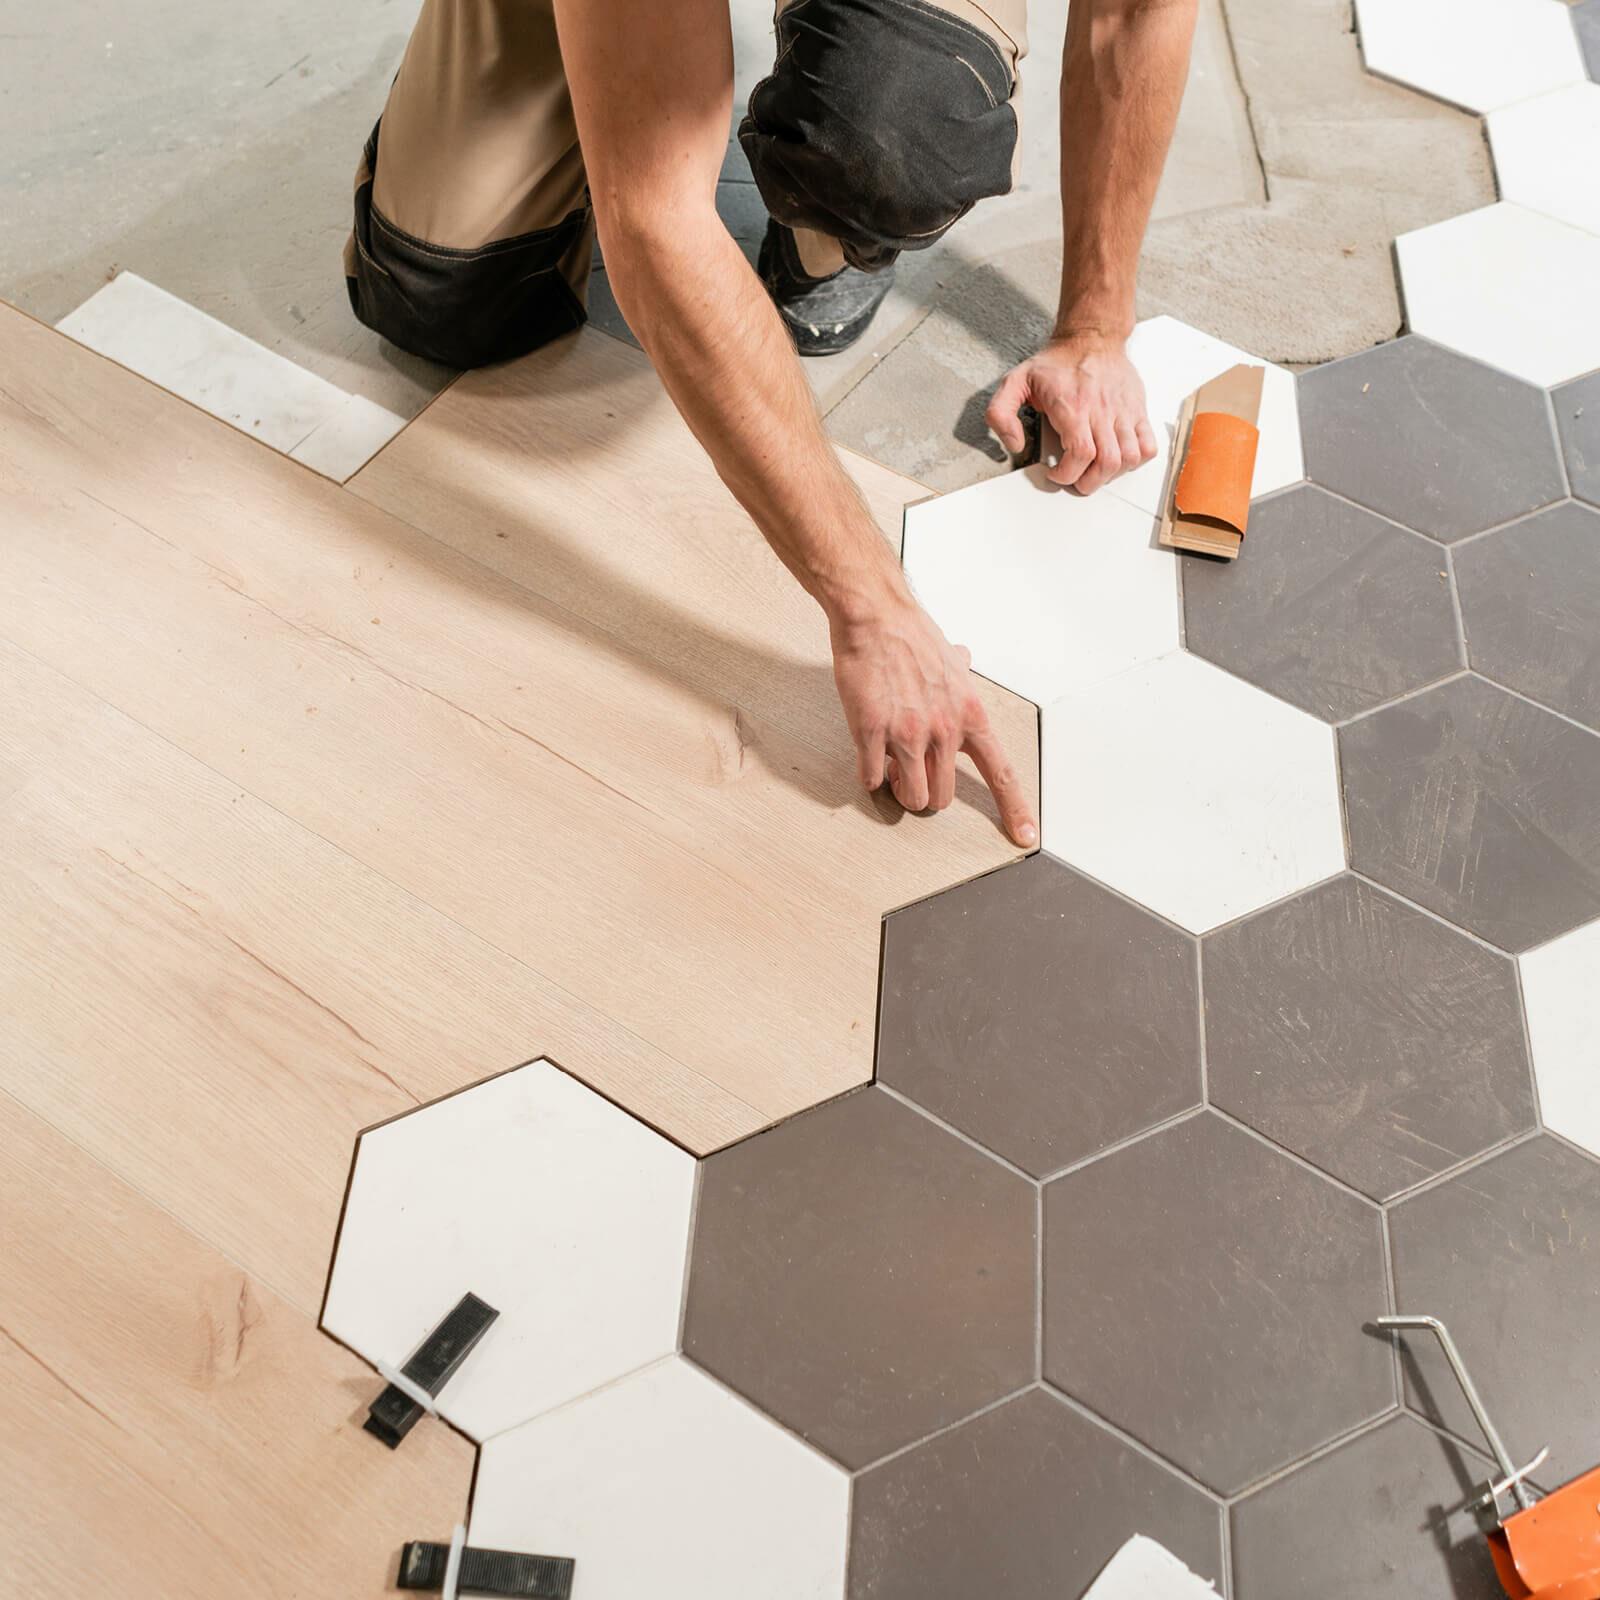 Commercial floor installation Dartmouth, NS | Wacky's Flooring